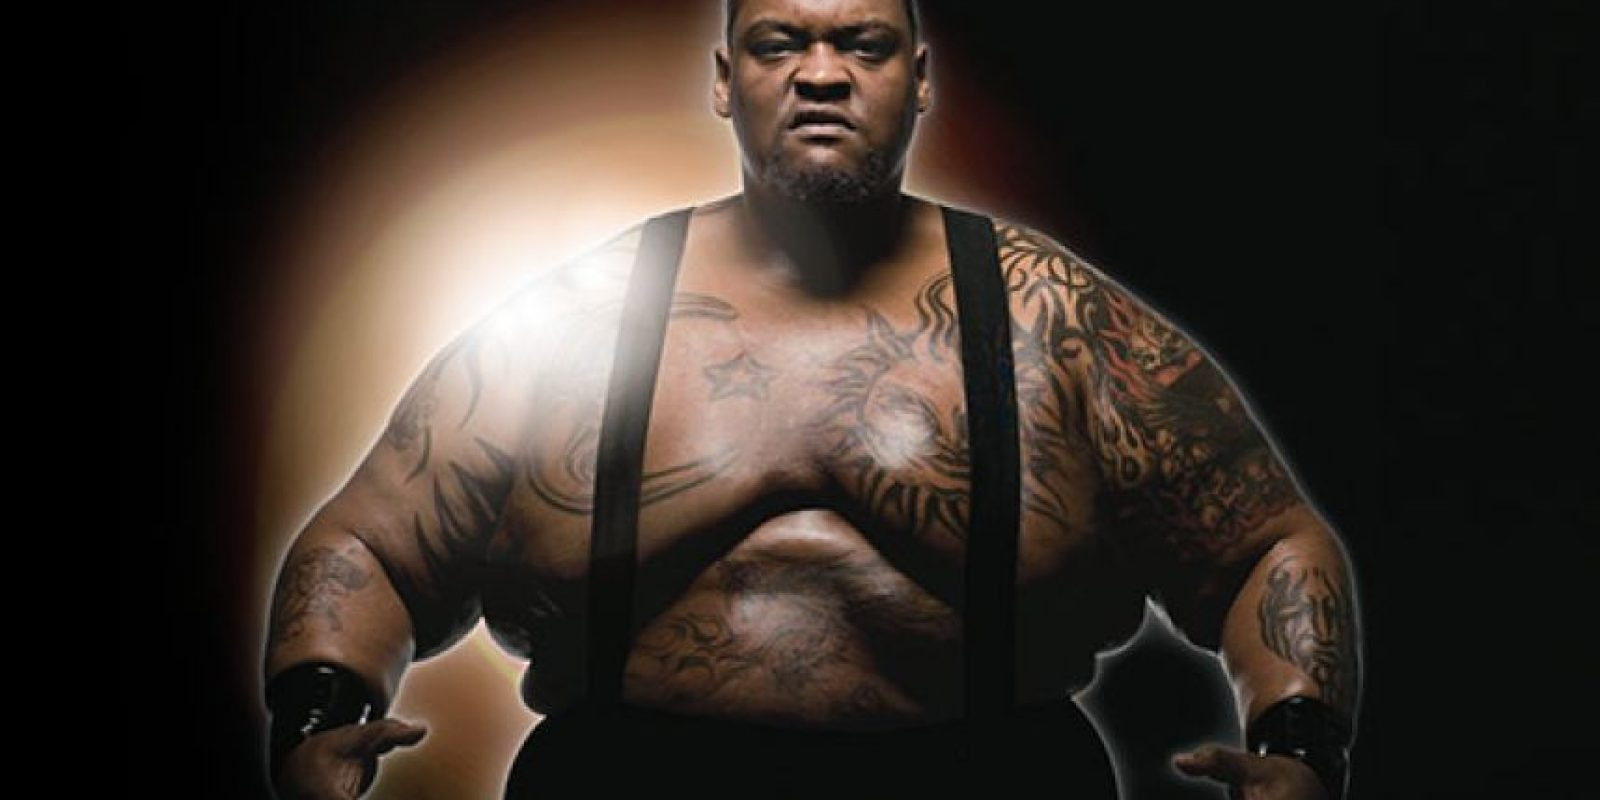 6. Viscera. También conocido como Big Daddy V falleció a los 43 años en 2009 por un ataque al corazón Foto:WWE